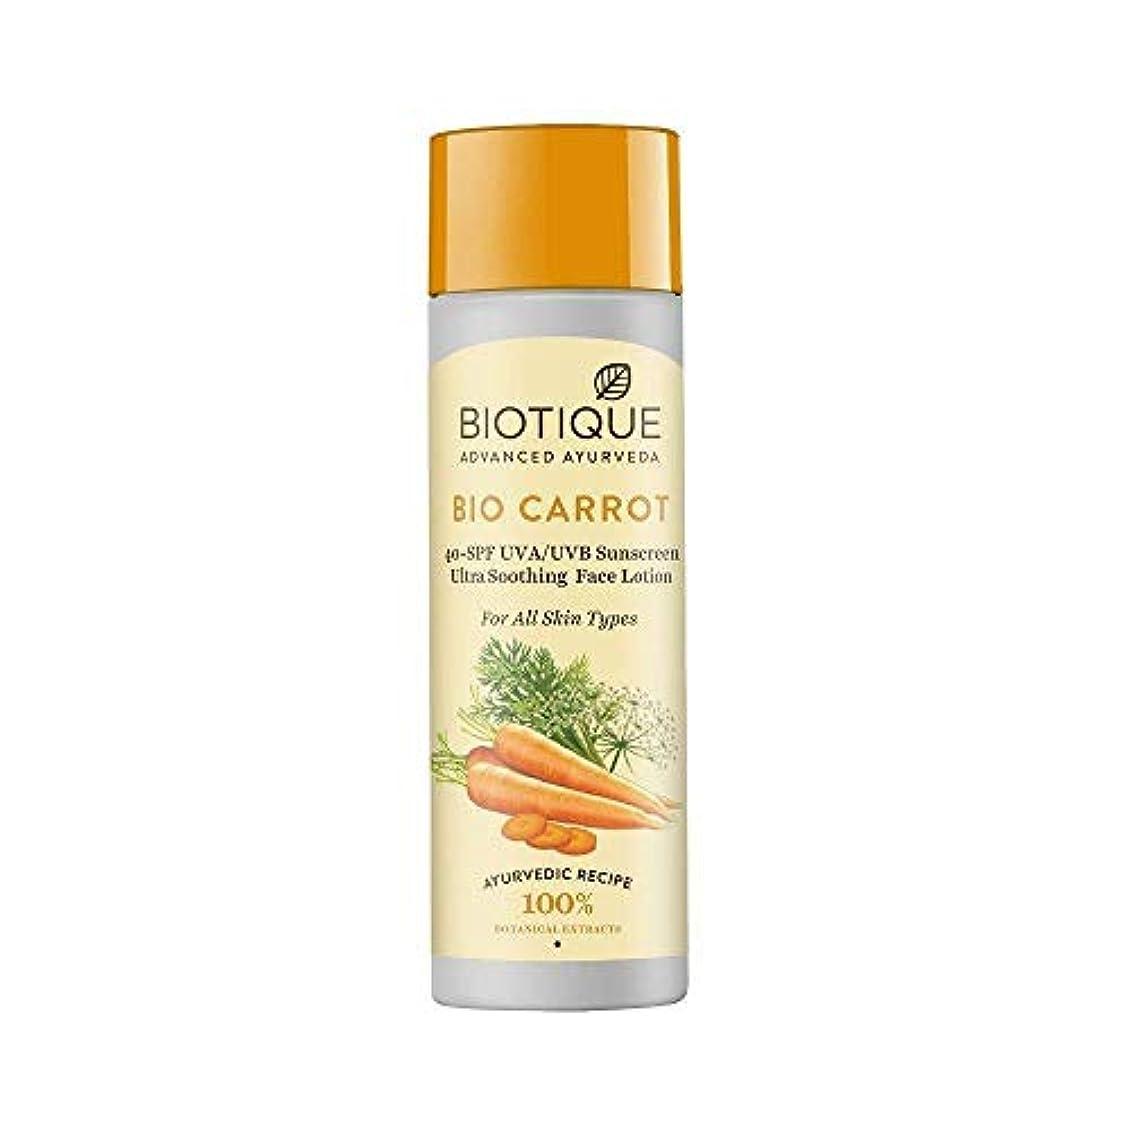 ペネロペ倒錯素子Biotique Bio Carrot Face & Body Sun Lotion SPF 40 UVA/UVB Sunscreen 190ml ビオティックバイオニンジンフェイス&ボディサンローションSPF 40 UVA...